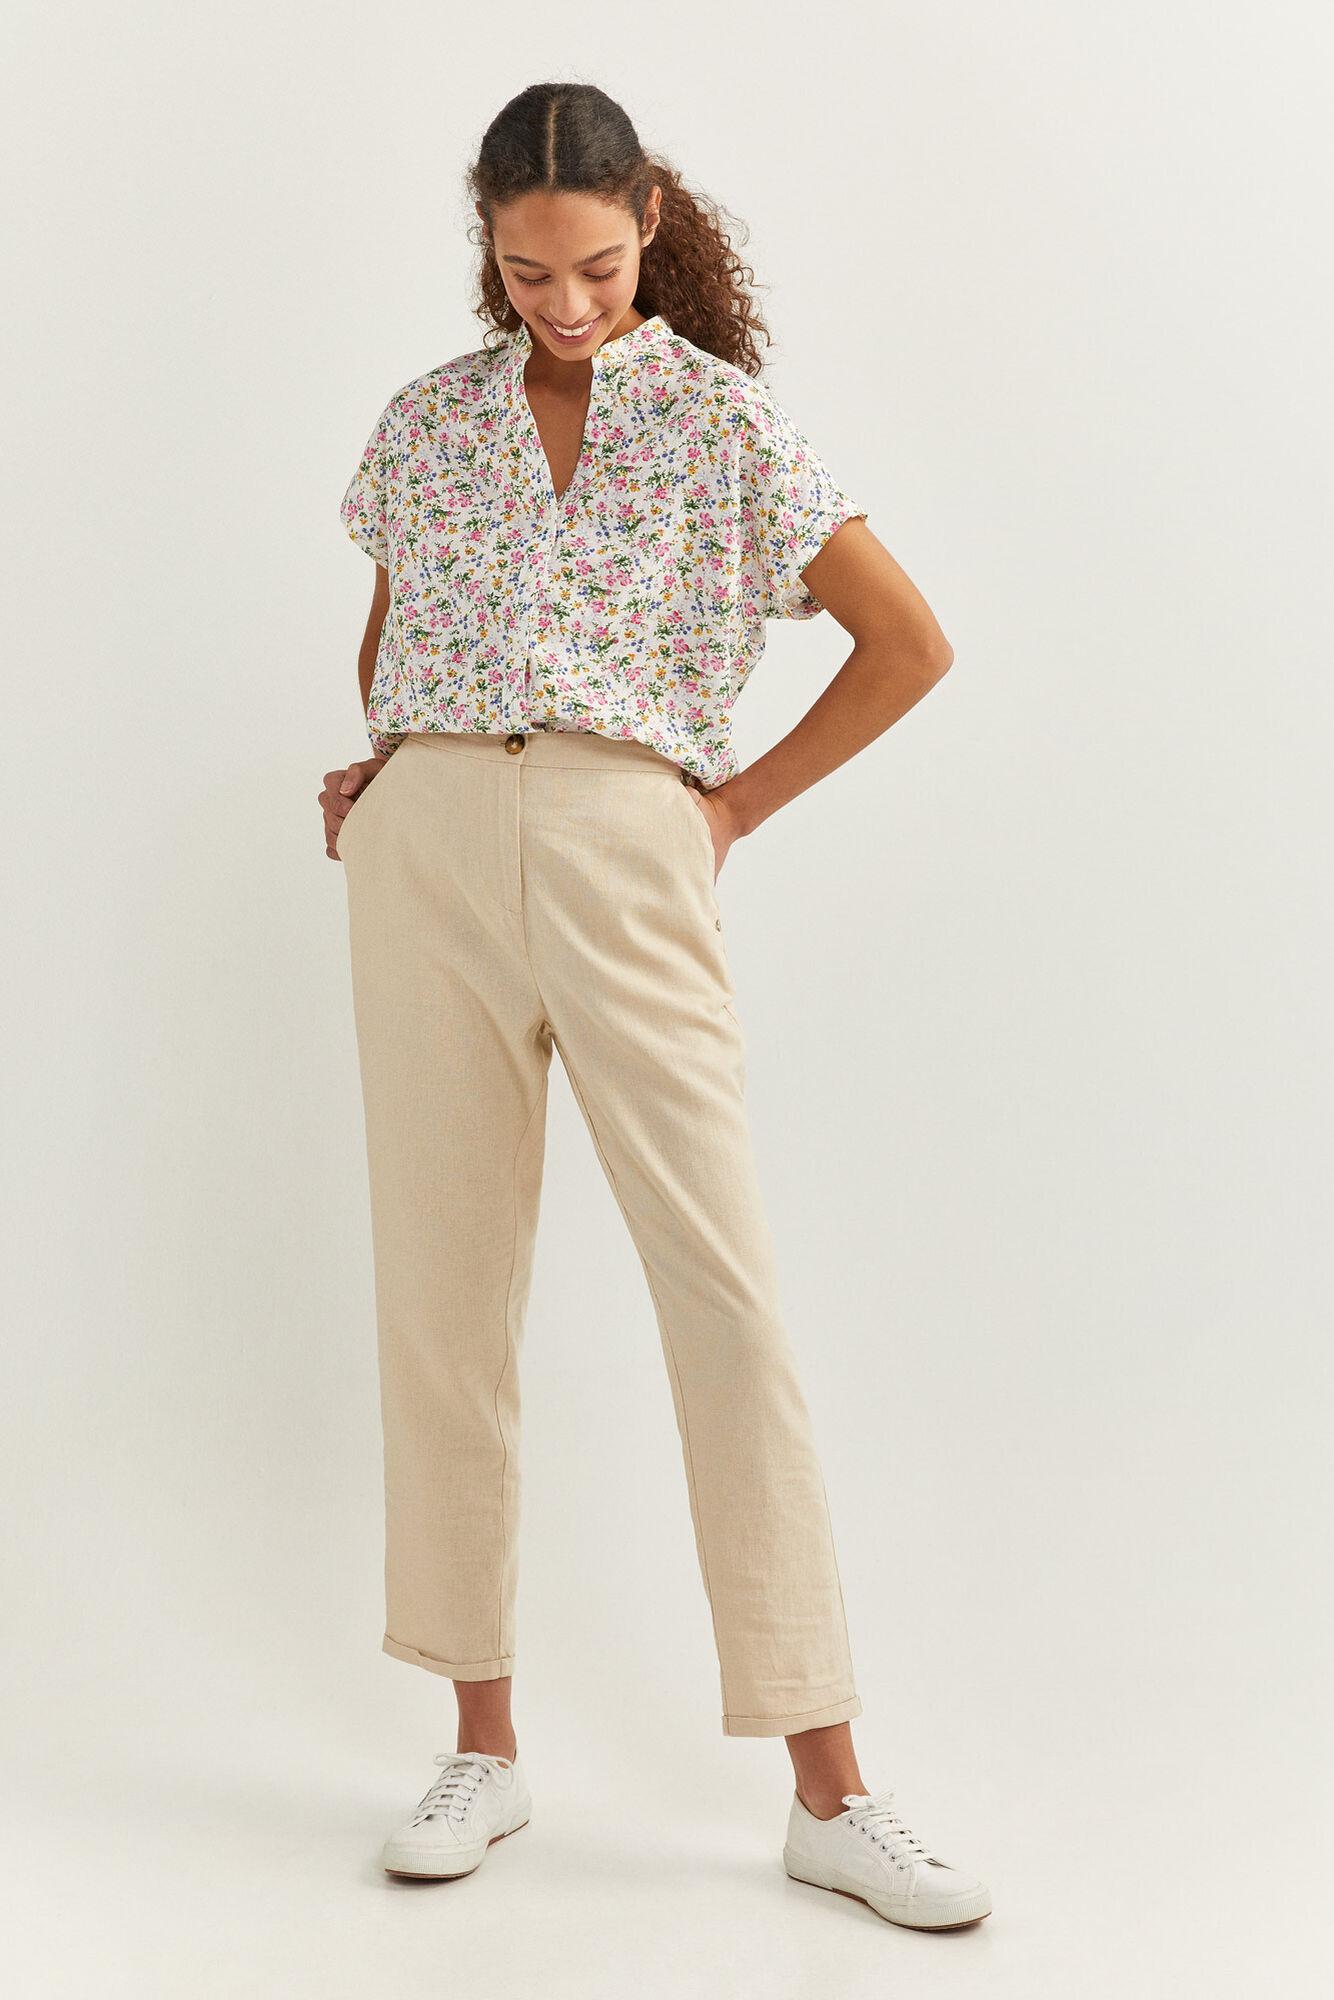 Pantalón chino de lino con bolsillos en los laterales y bolsillos traseros de falsos de vivos.